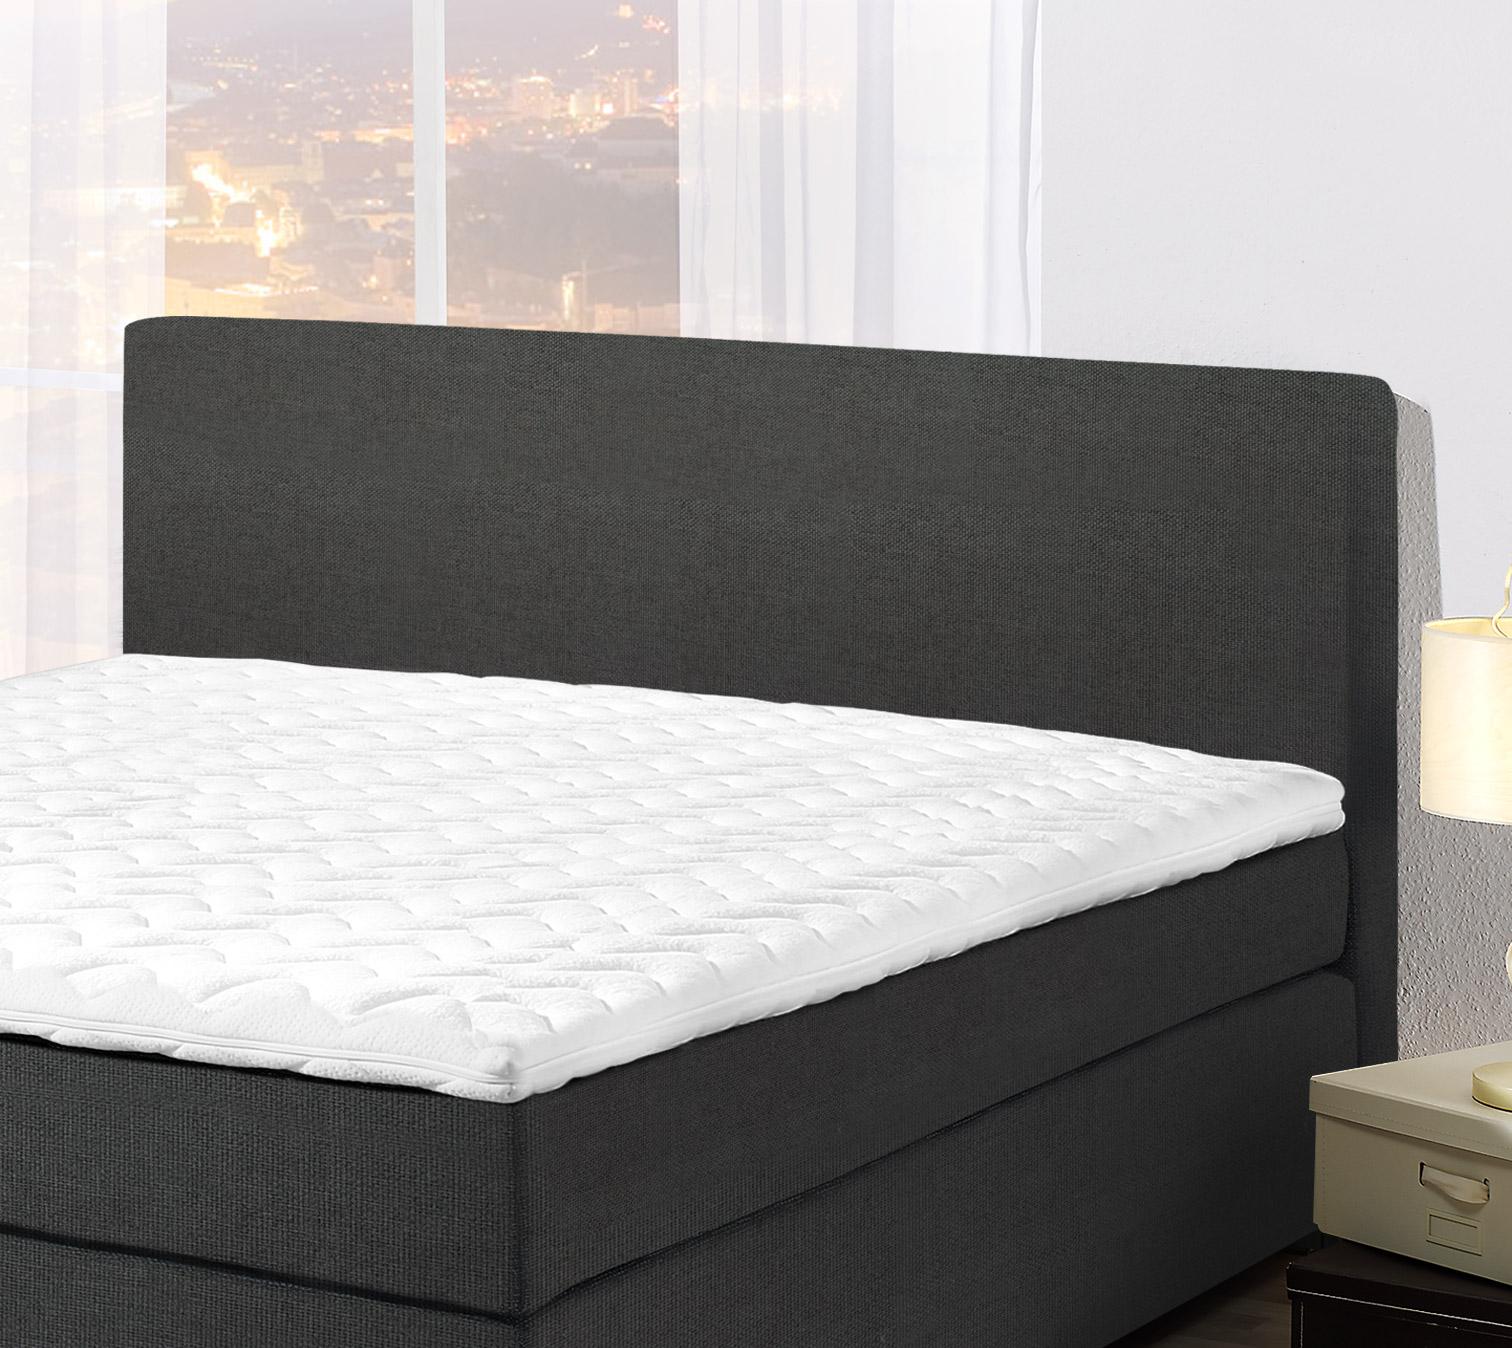 boxspringbett 7 zonen taschenfederkern matratze und topper bago. Black Bedroom Furniture Sets. Home Design Ideas